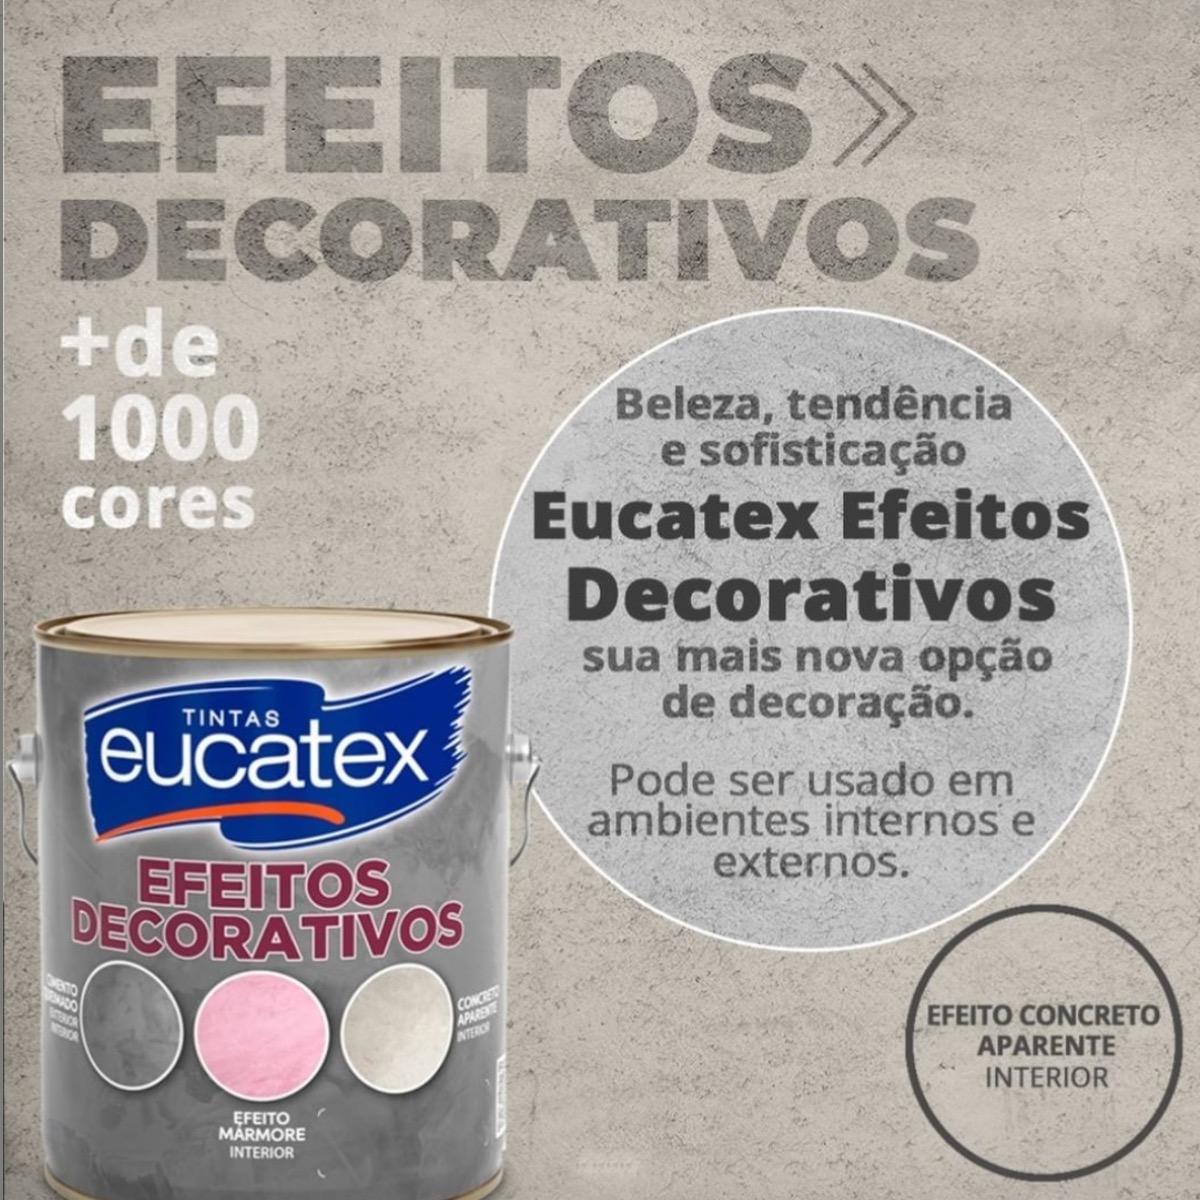 4 Efeito Cimento Queimado Efeitos Decorativos Eucatex 5kg